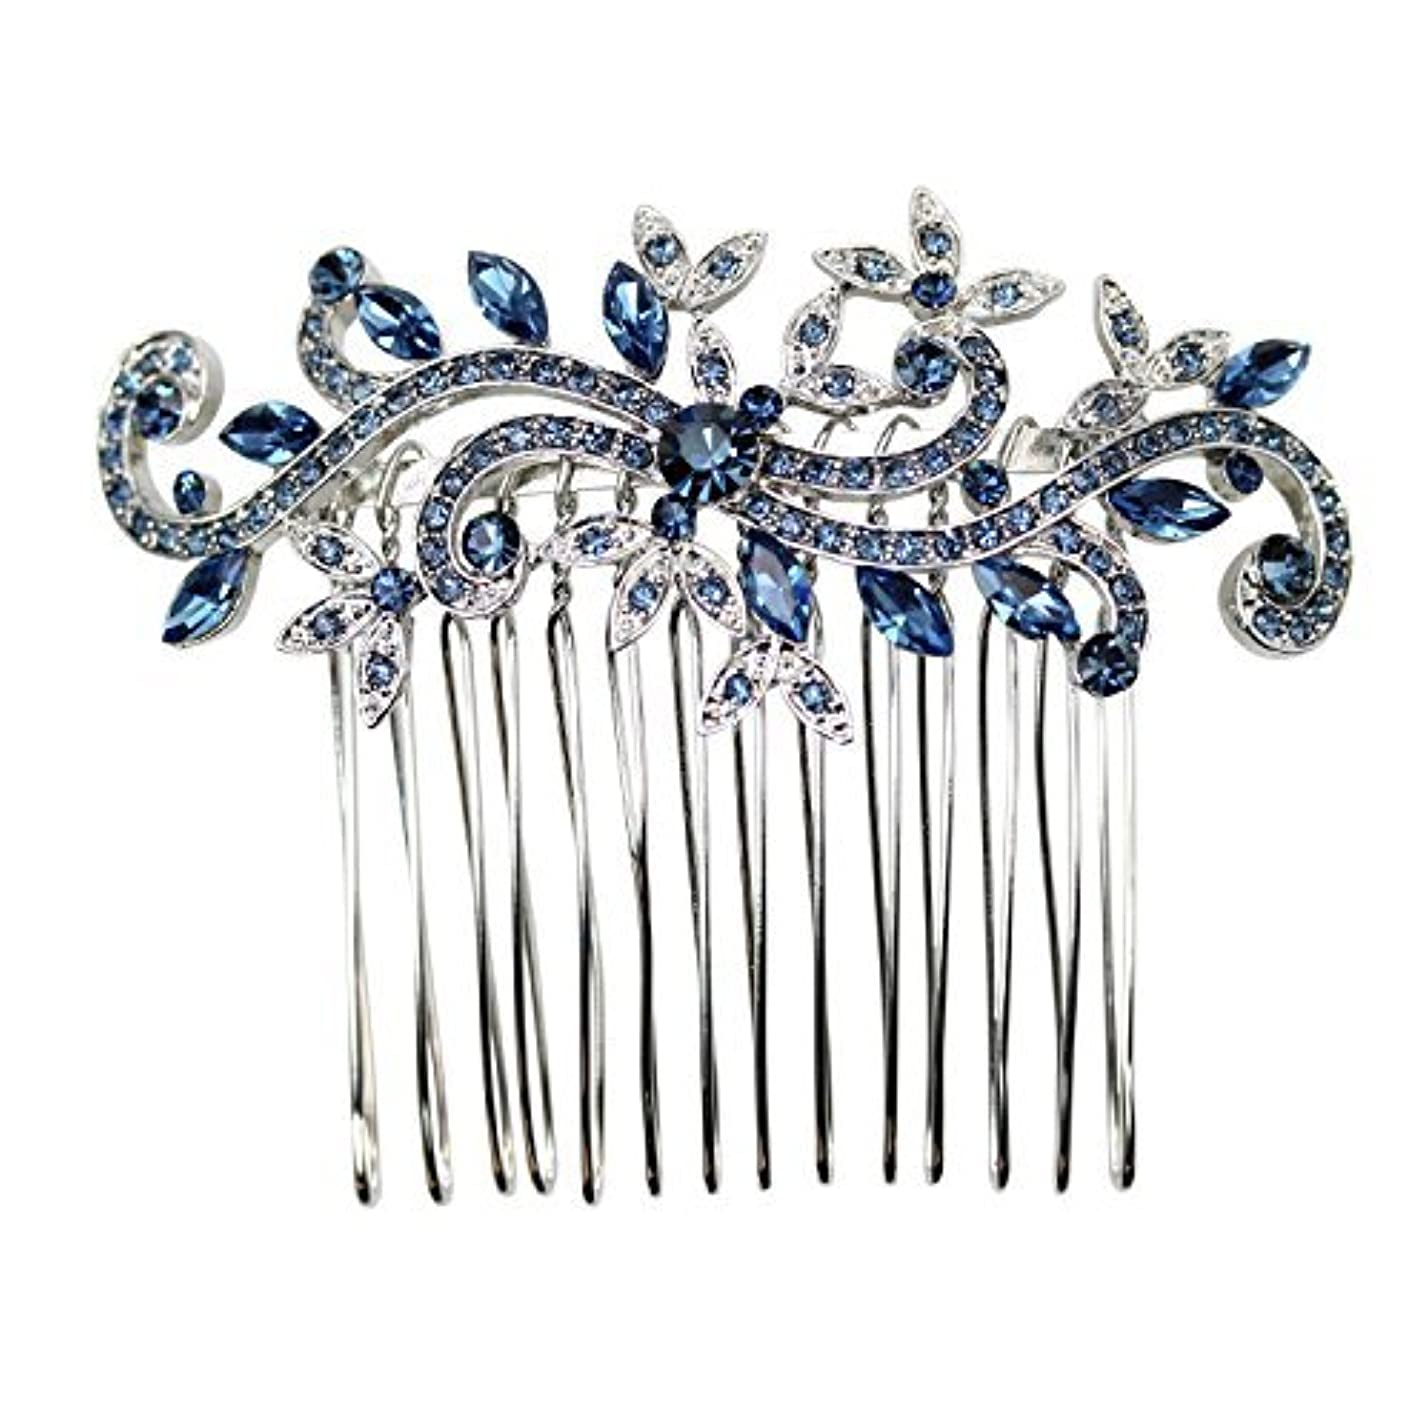 広告する反逆者たくさんFaship Gorgeous Navy Blue Crystal Floral Hair Comb [並行輸入品]